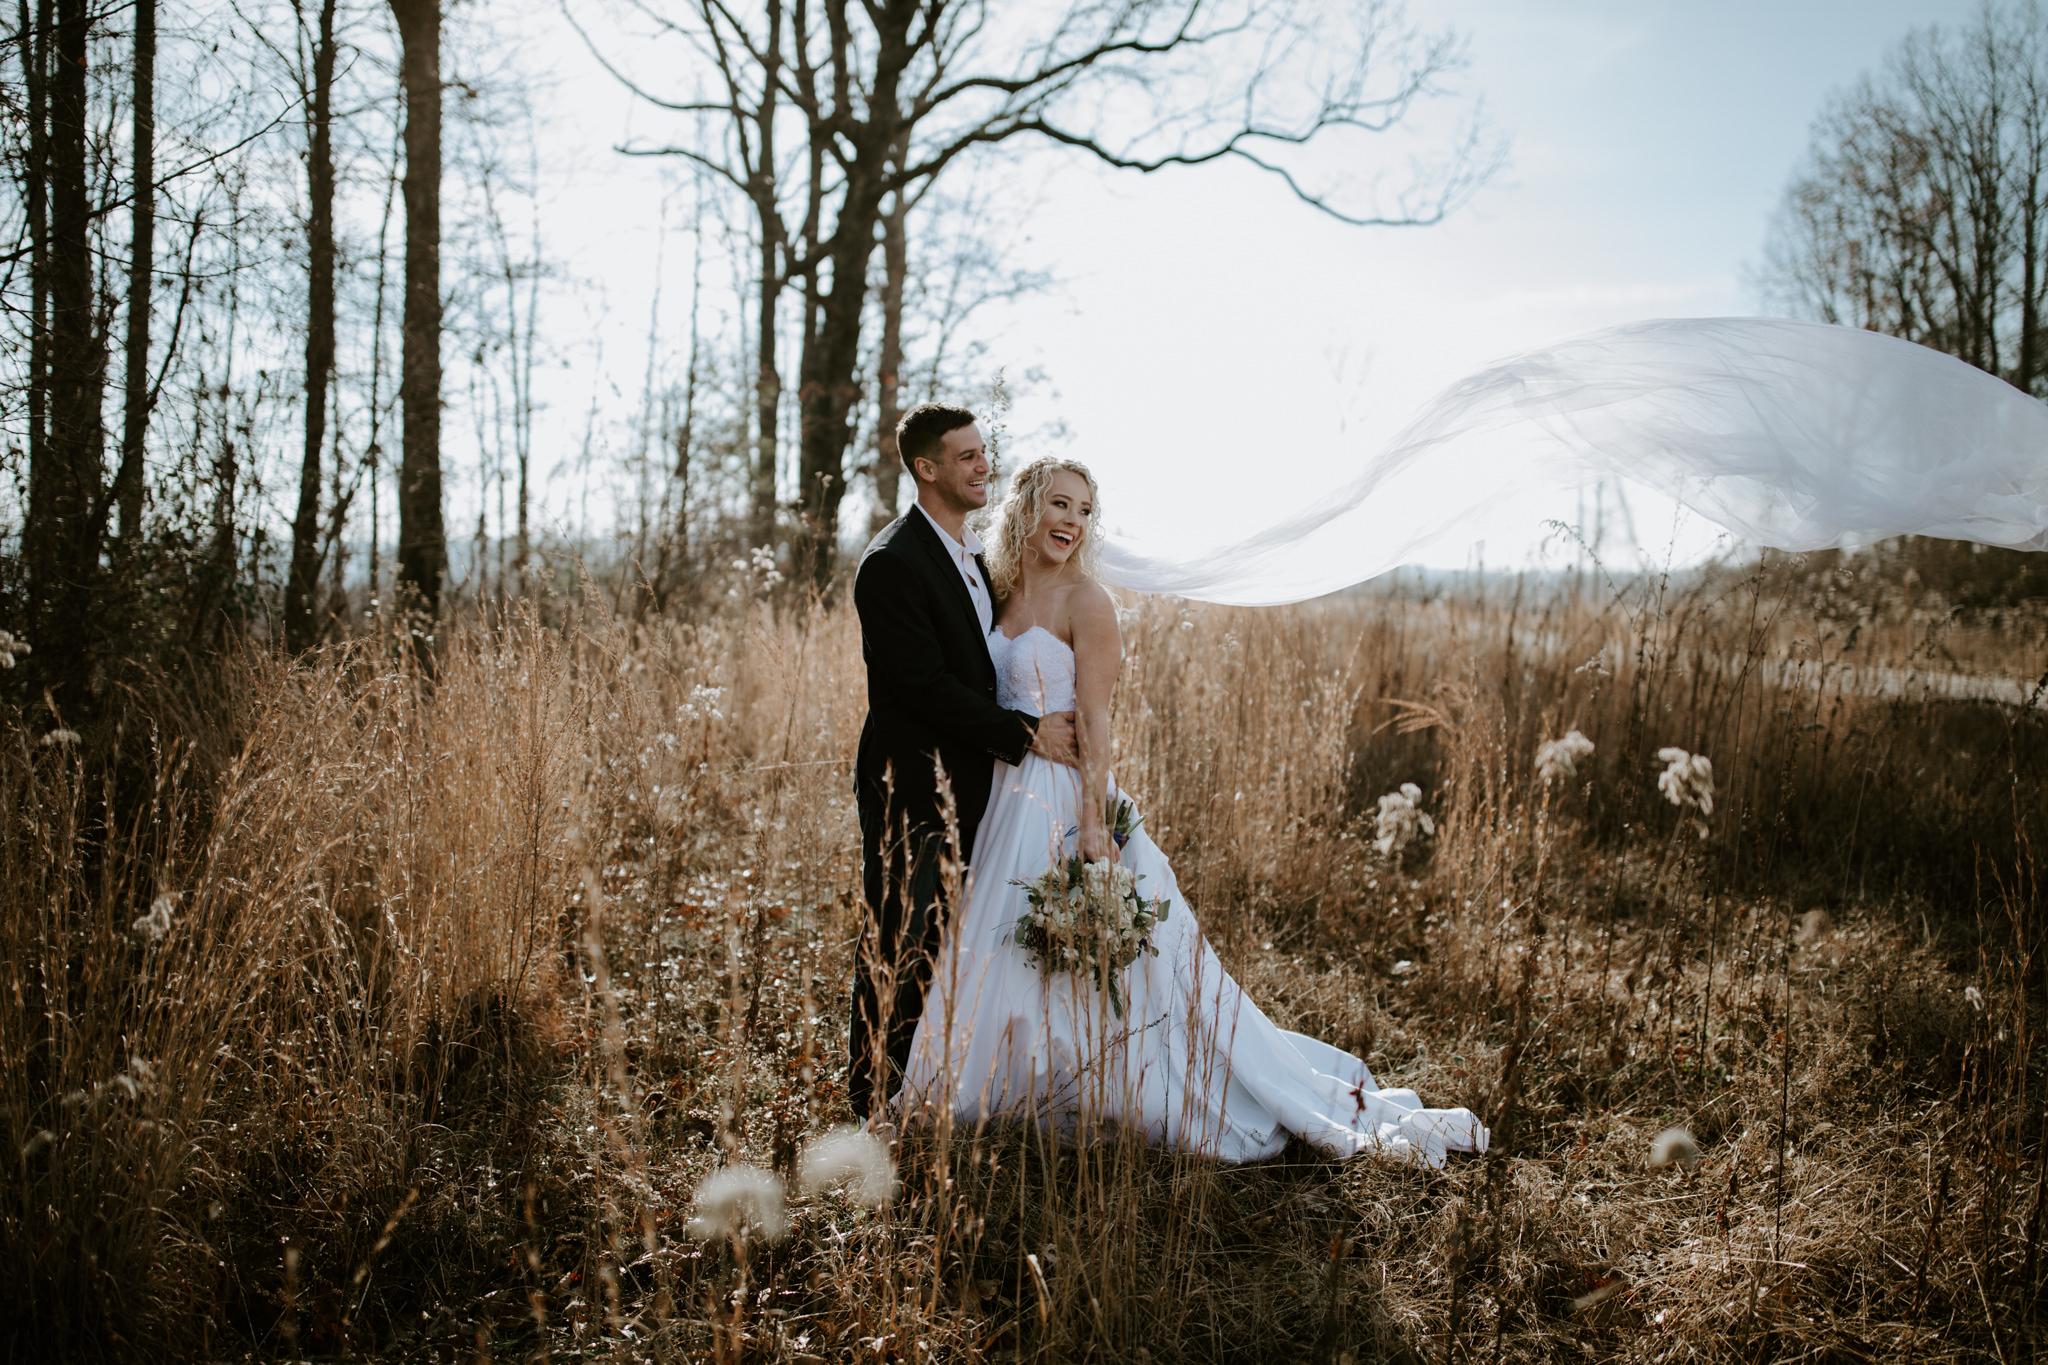 Lauren-and-Trent-Chattanooga-Nashville-Wedding-Elopement-Photographer-43.jpg